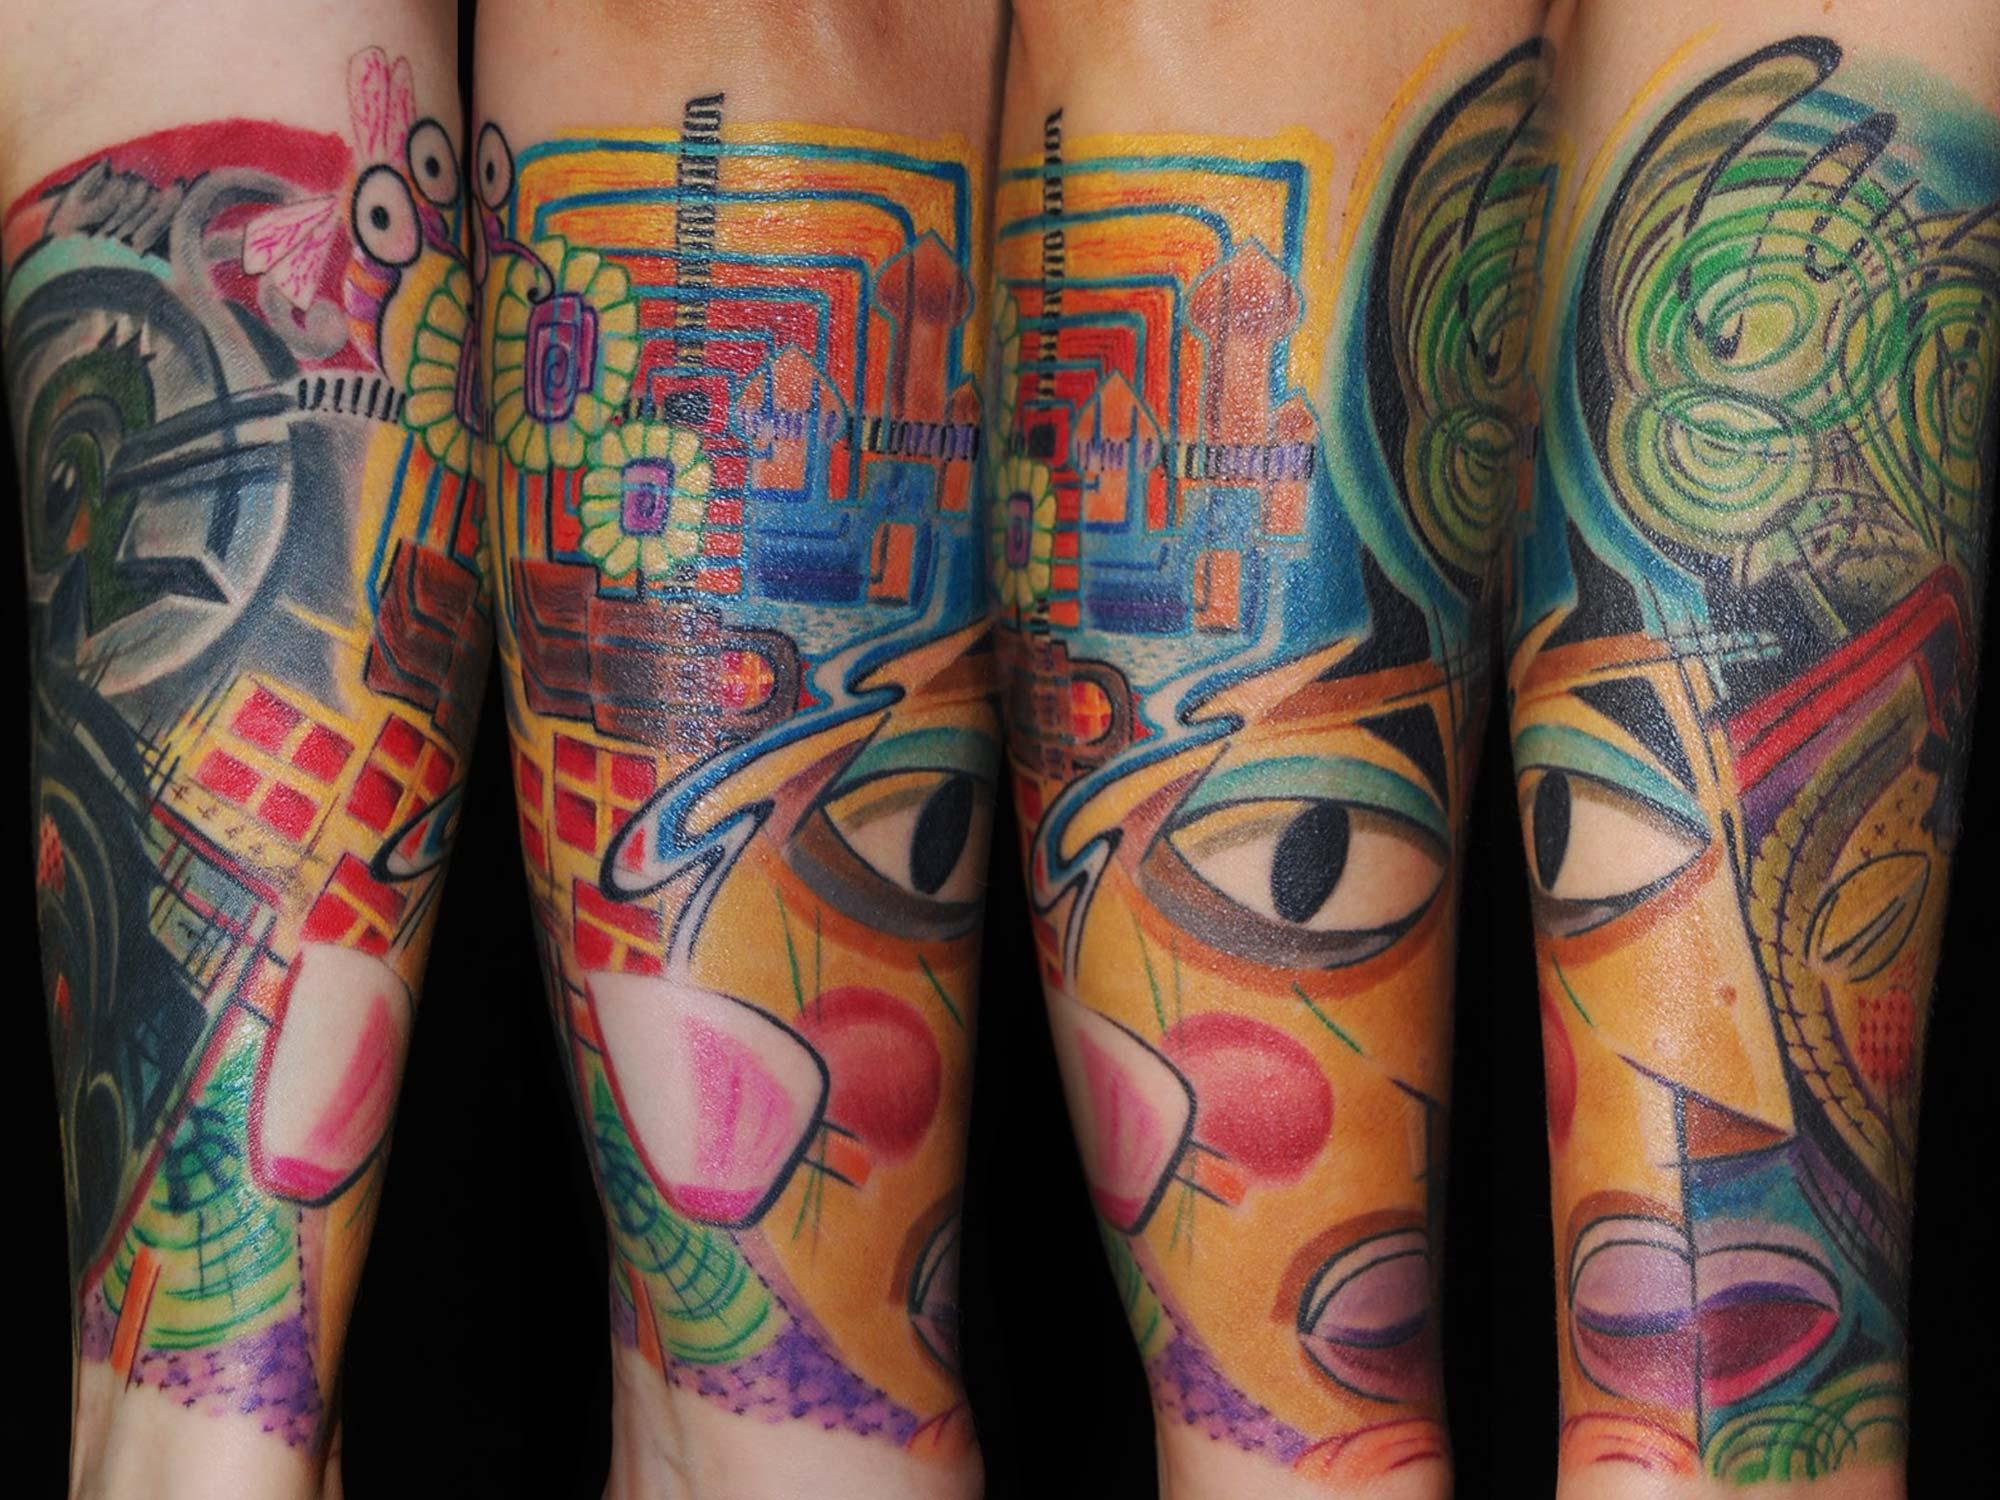 Hundertwasser Picasso Cover Up Tattoo Überdeckung Raul München Spezialist